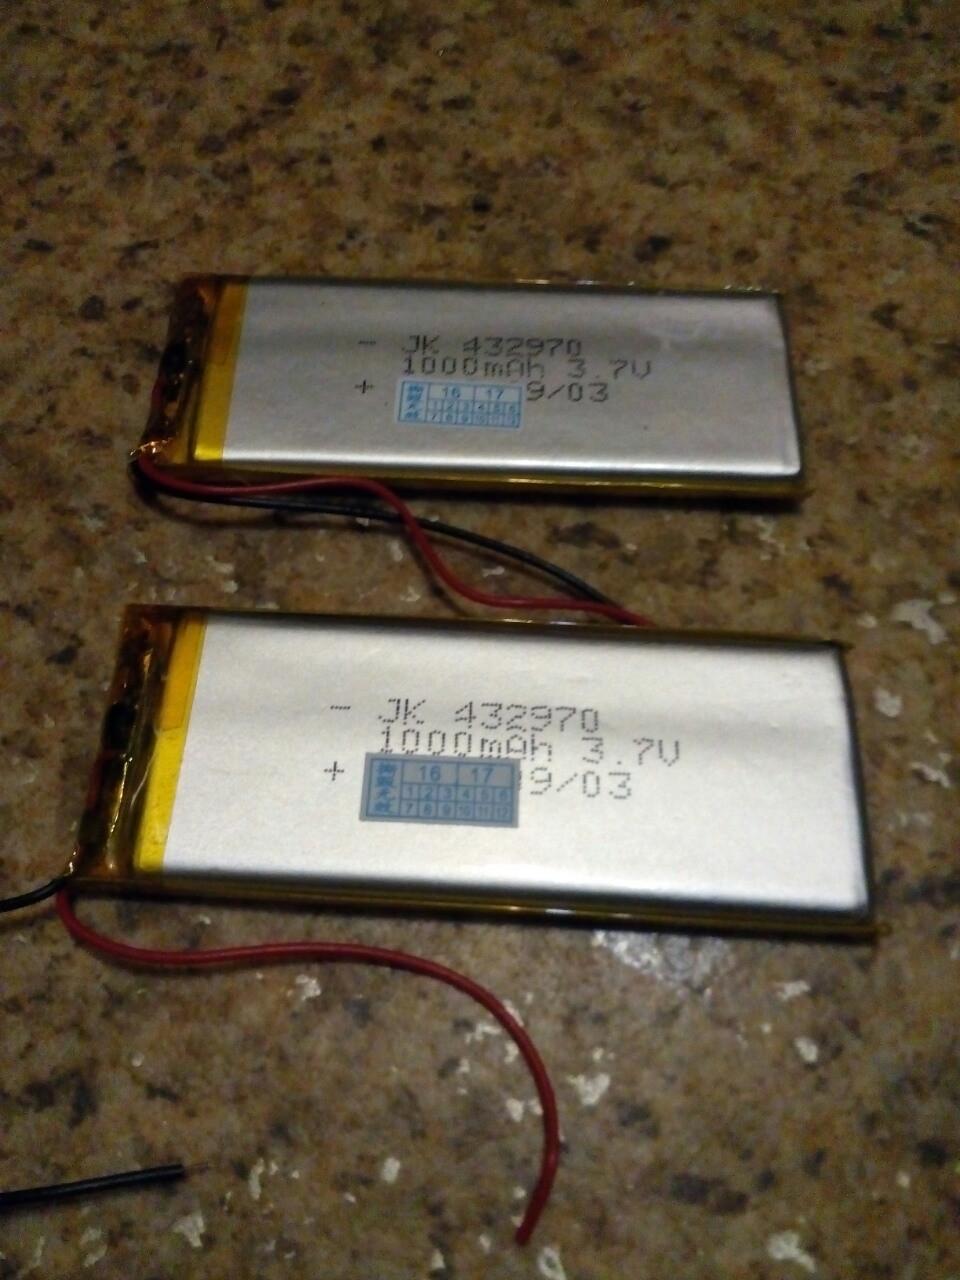 Аккумулятор 1000мАч для китайских телефонов, PSP, MP3 устройств (70 × 43 × 2,9 мм)